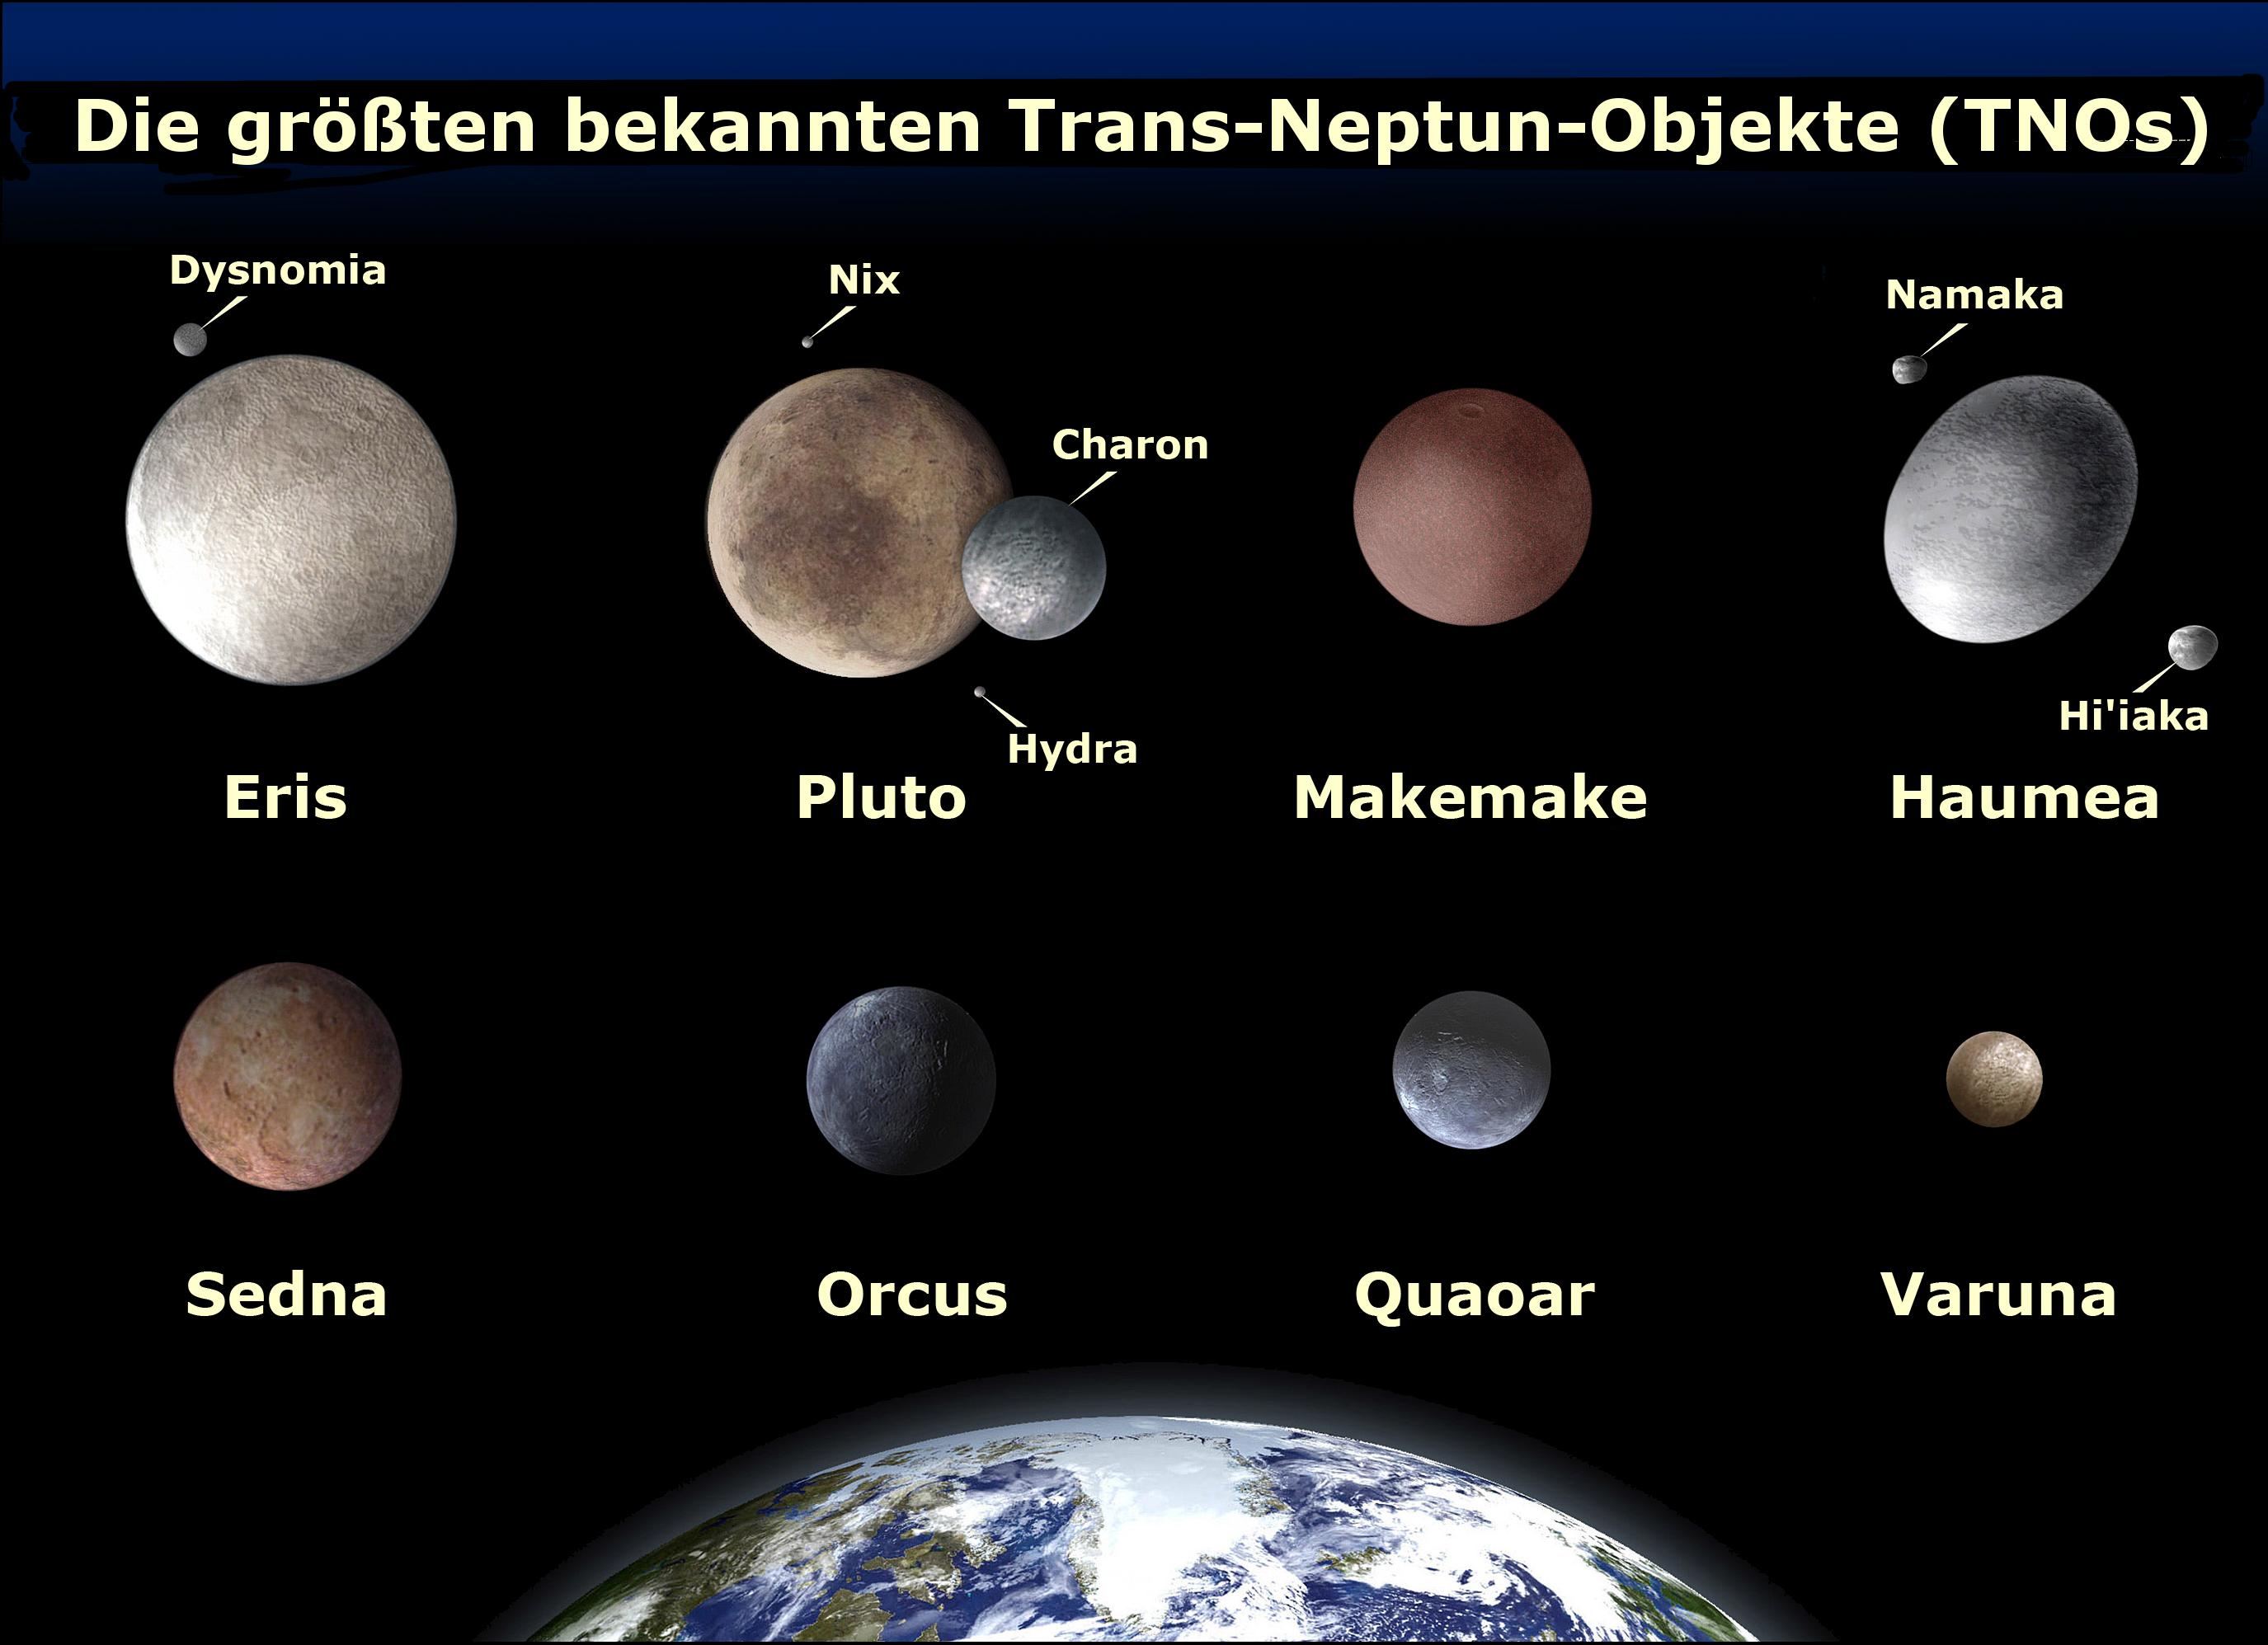 """Große, runde Asteroiden von denen ein paar als """"Zwergplaneten"""" bezeichnet werden und ein paar nicht (Bild: BilderMax, CC-BY-SA 3.0)"""